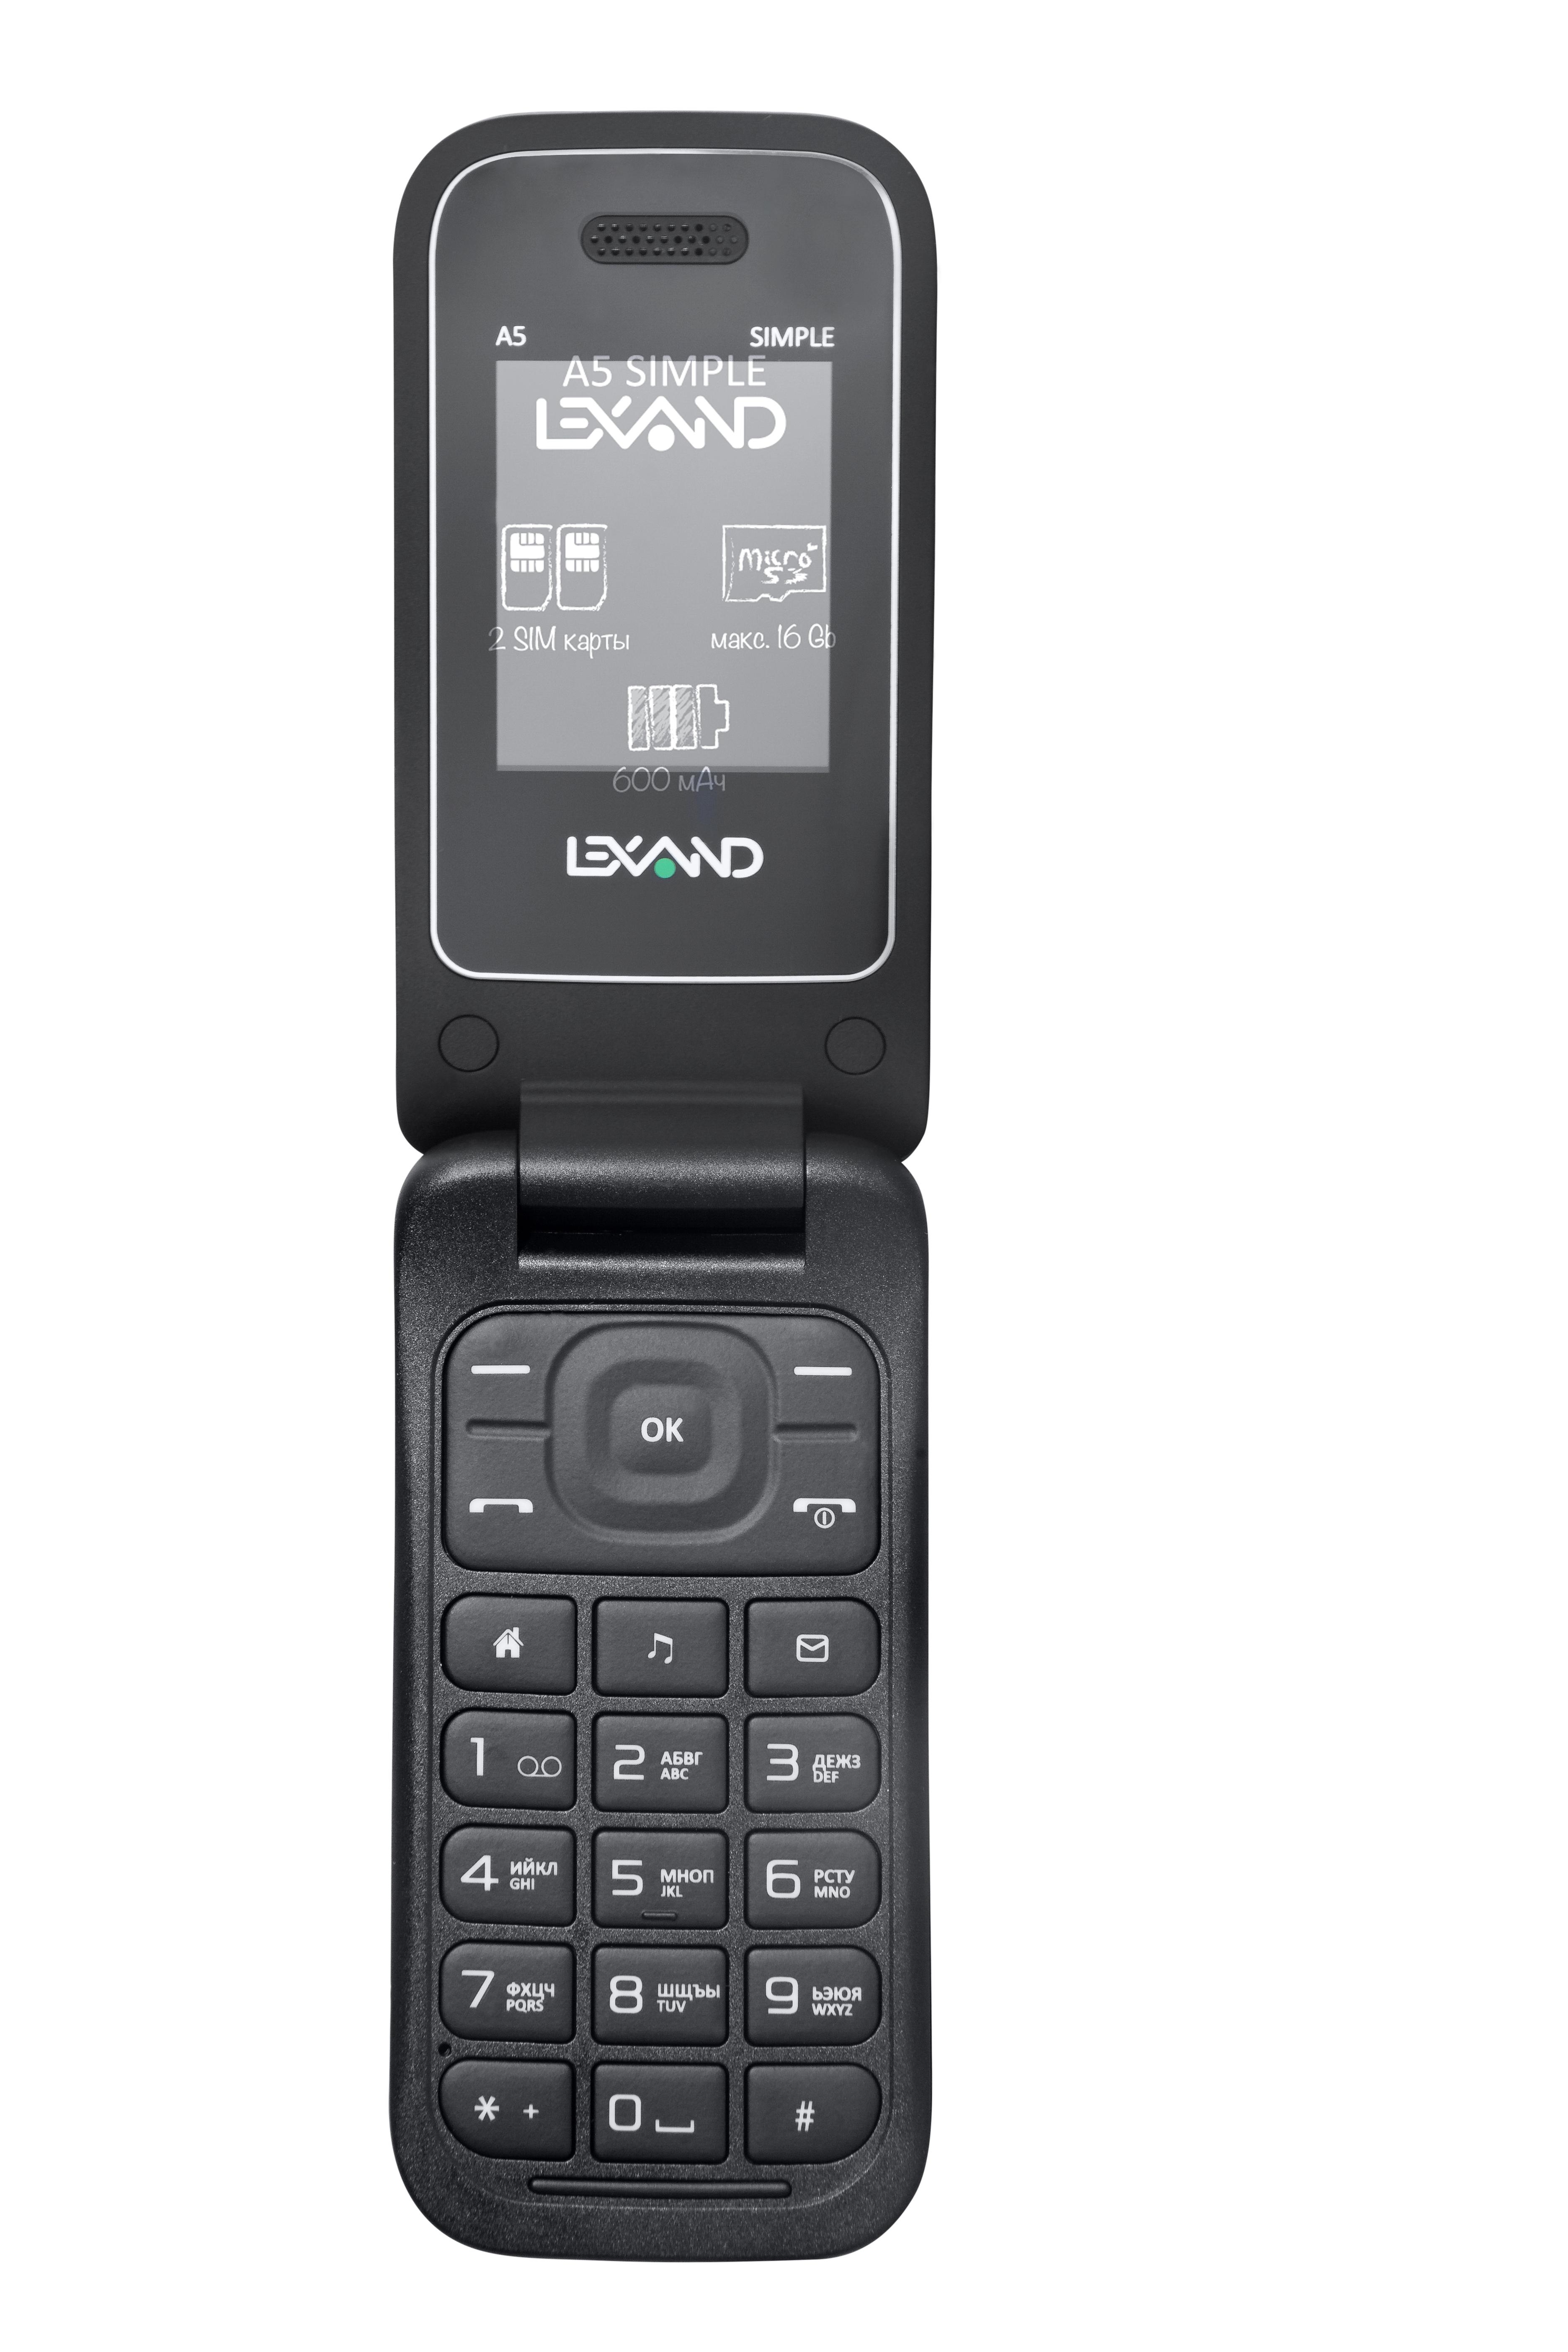 Мобильный телефон Lexand A5 SIMPLE